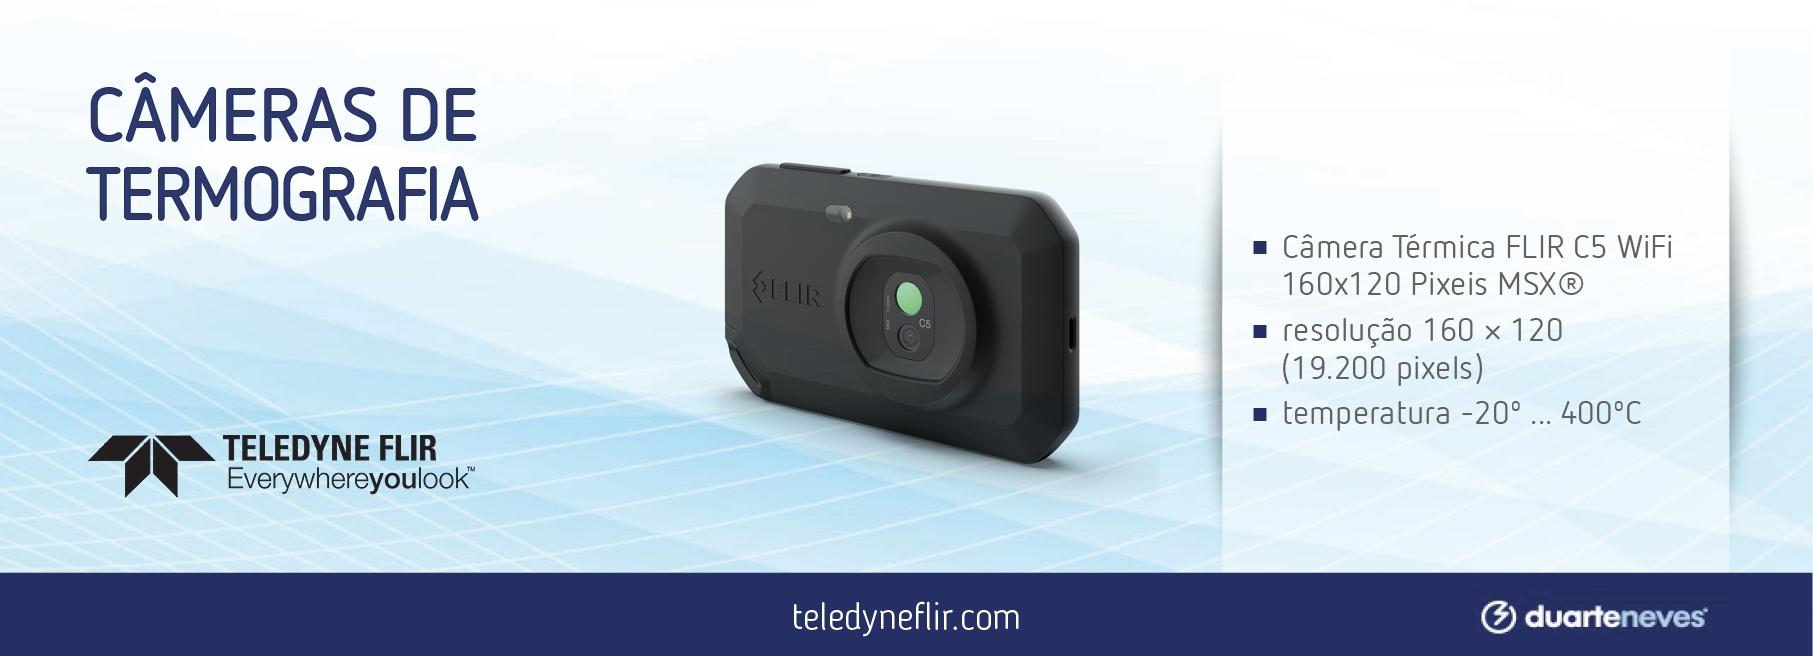 camerasdetermografiaflir